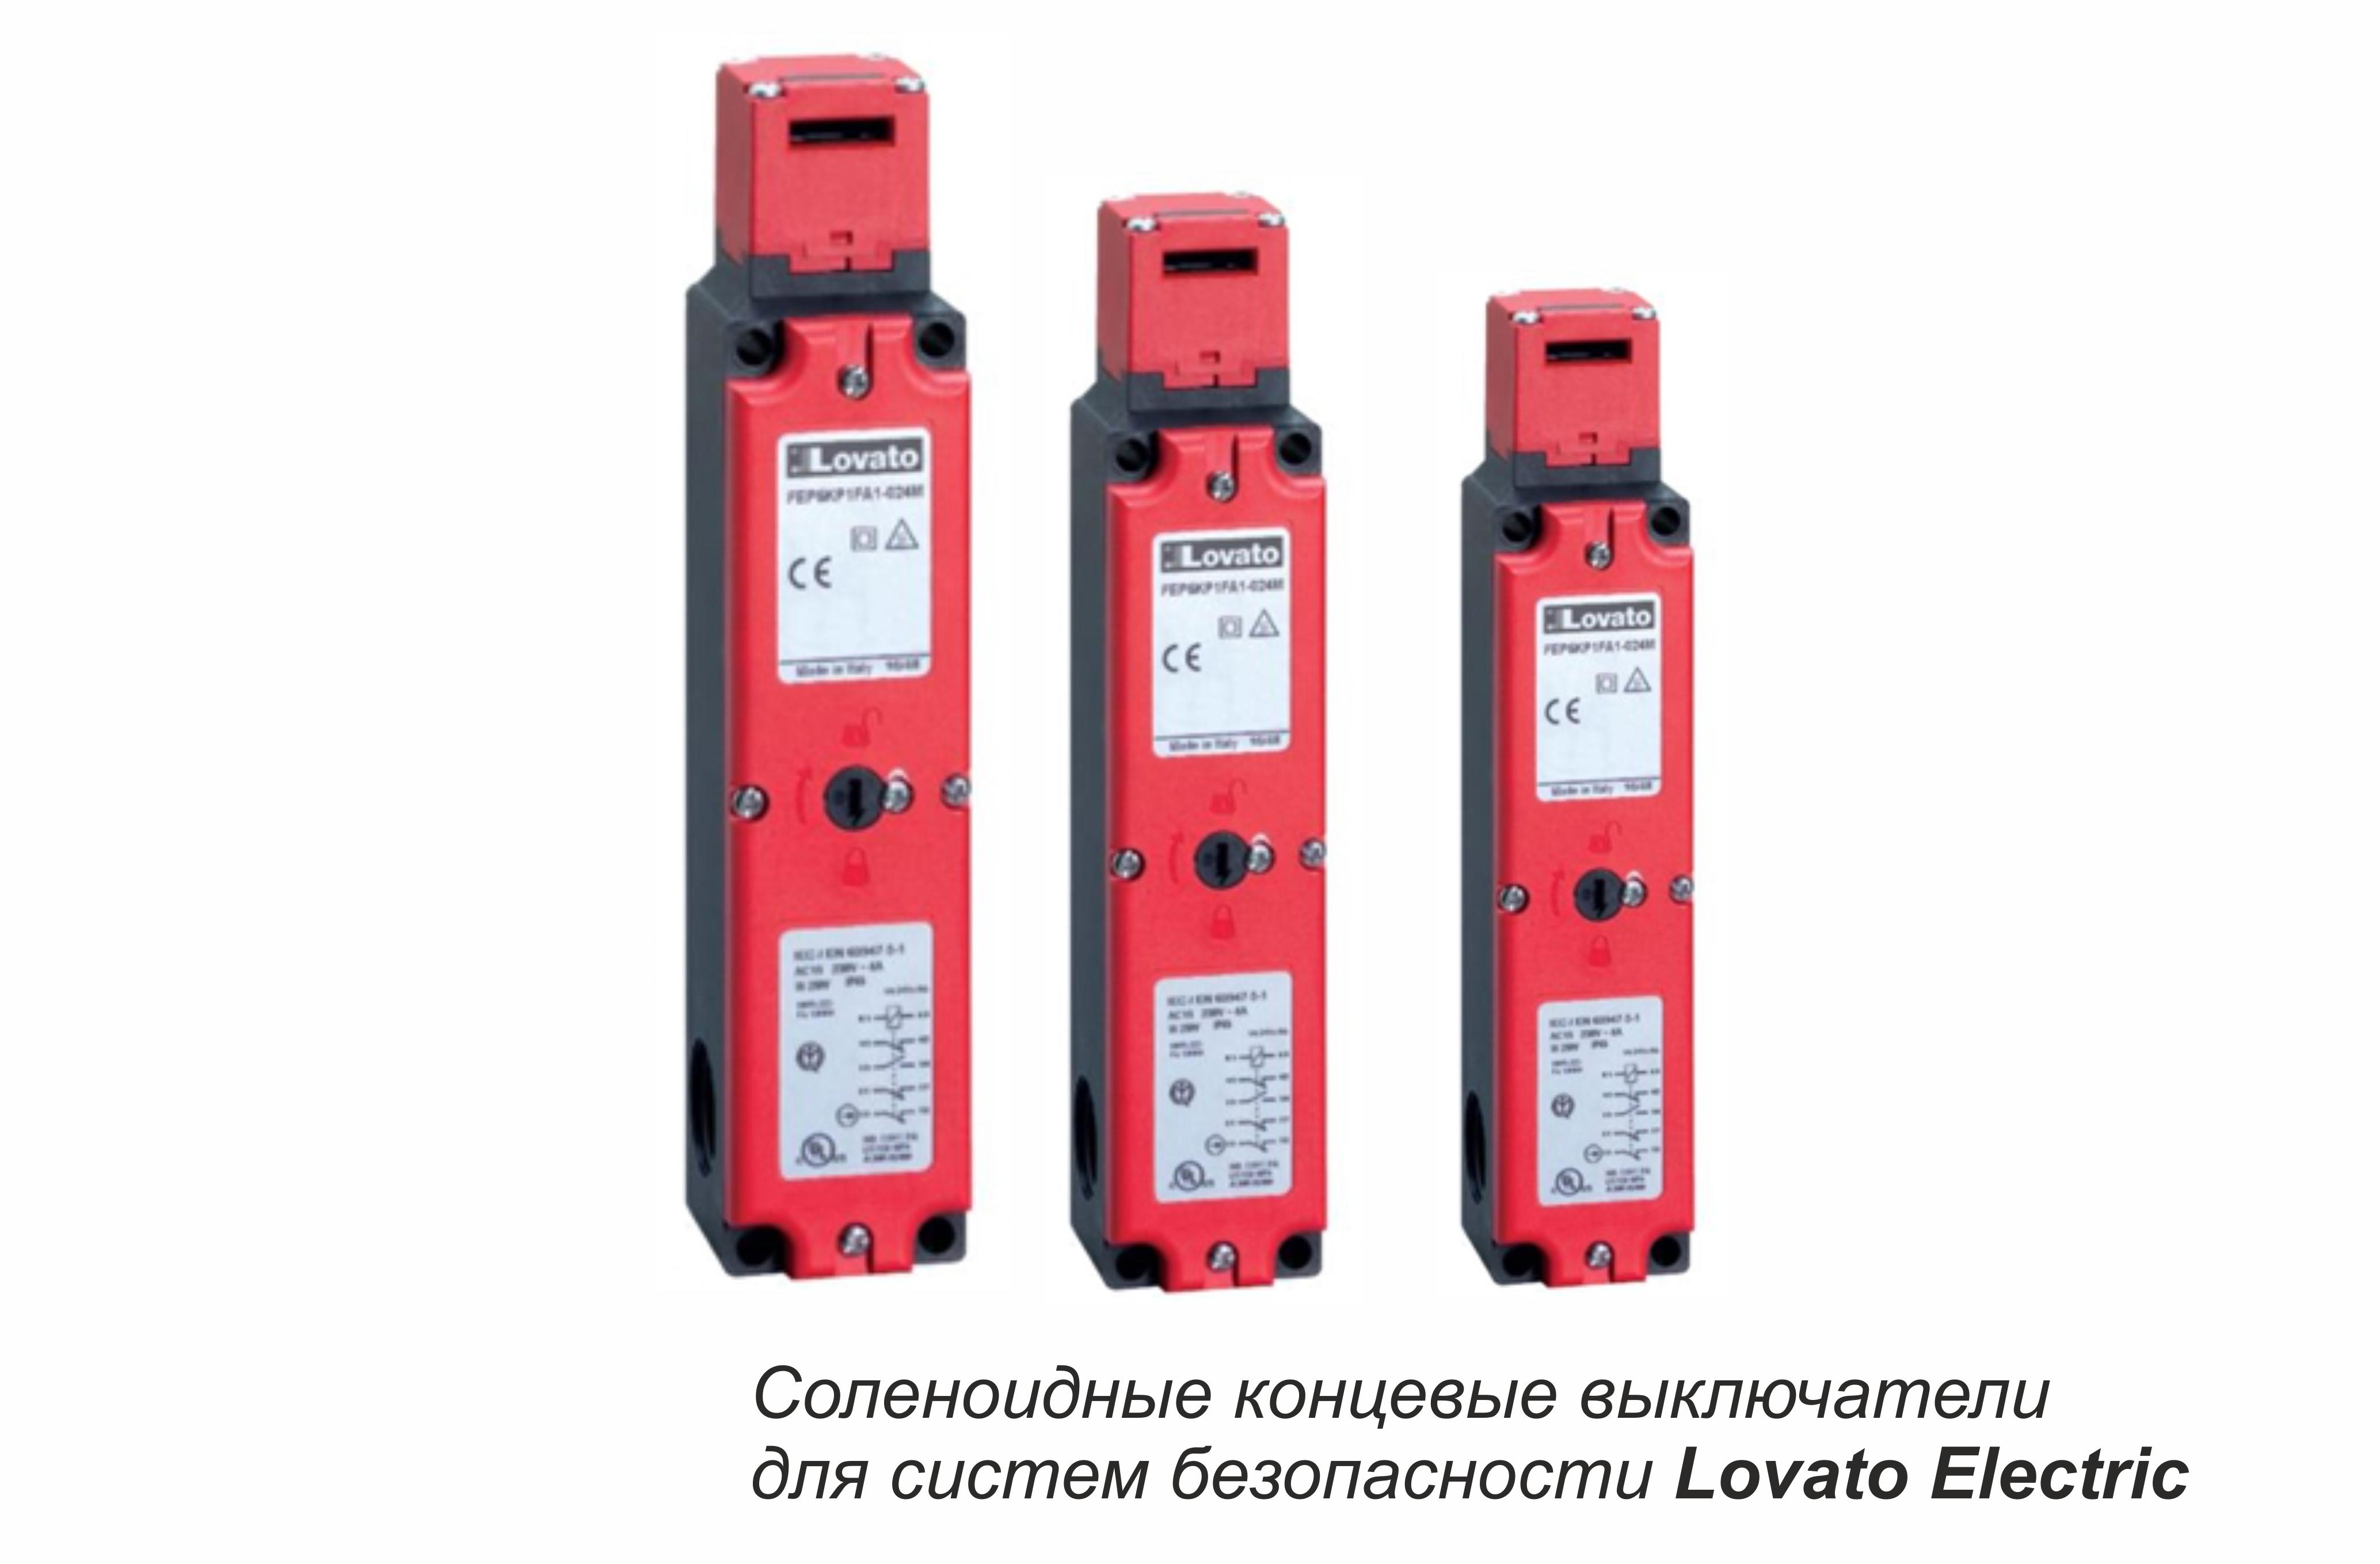 Соленоидные концевые выключатели для систем безопасности Lovato Electric